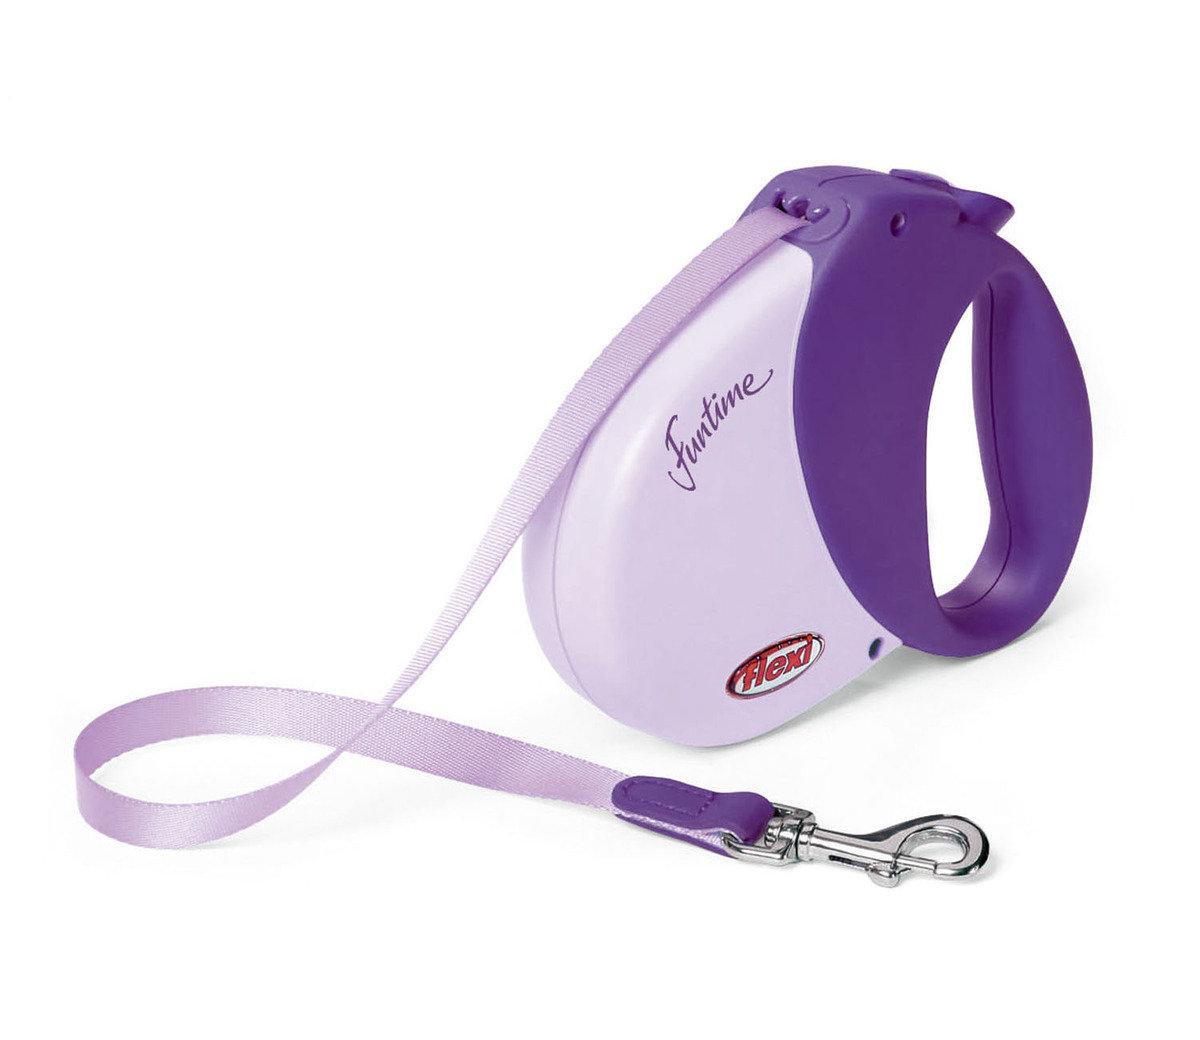 快樂時刻伸縮拖帶 紫色(中)5米/25公斤